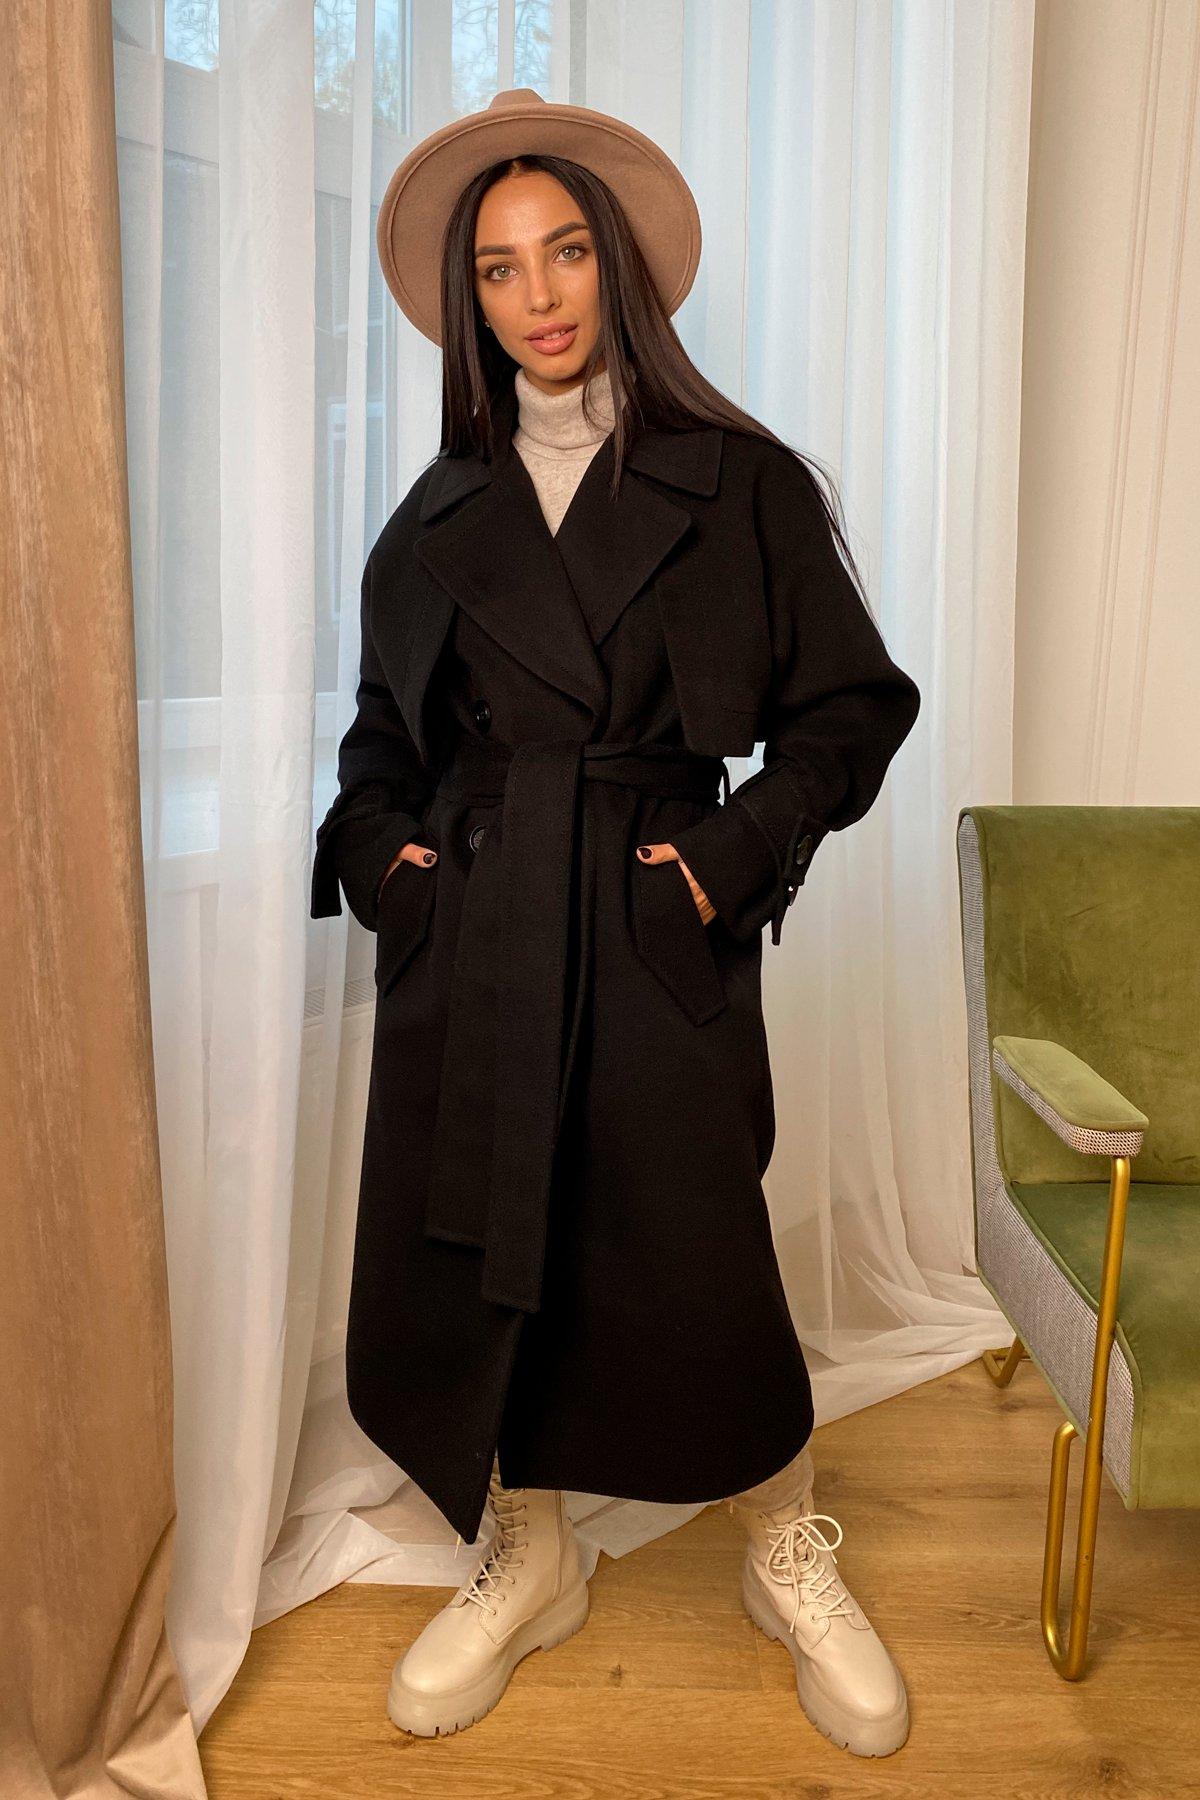 Твин макси кашемир китай пальто 9953 АРТ. 46242 Цвет: Черный - фото 1, интернет магазин tm-modus.ru